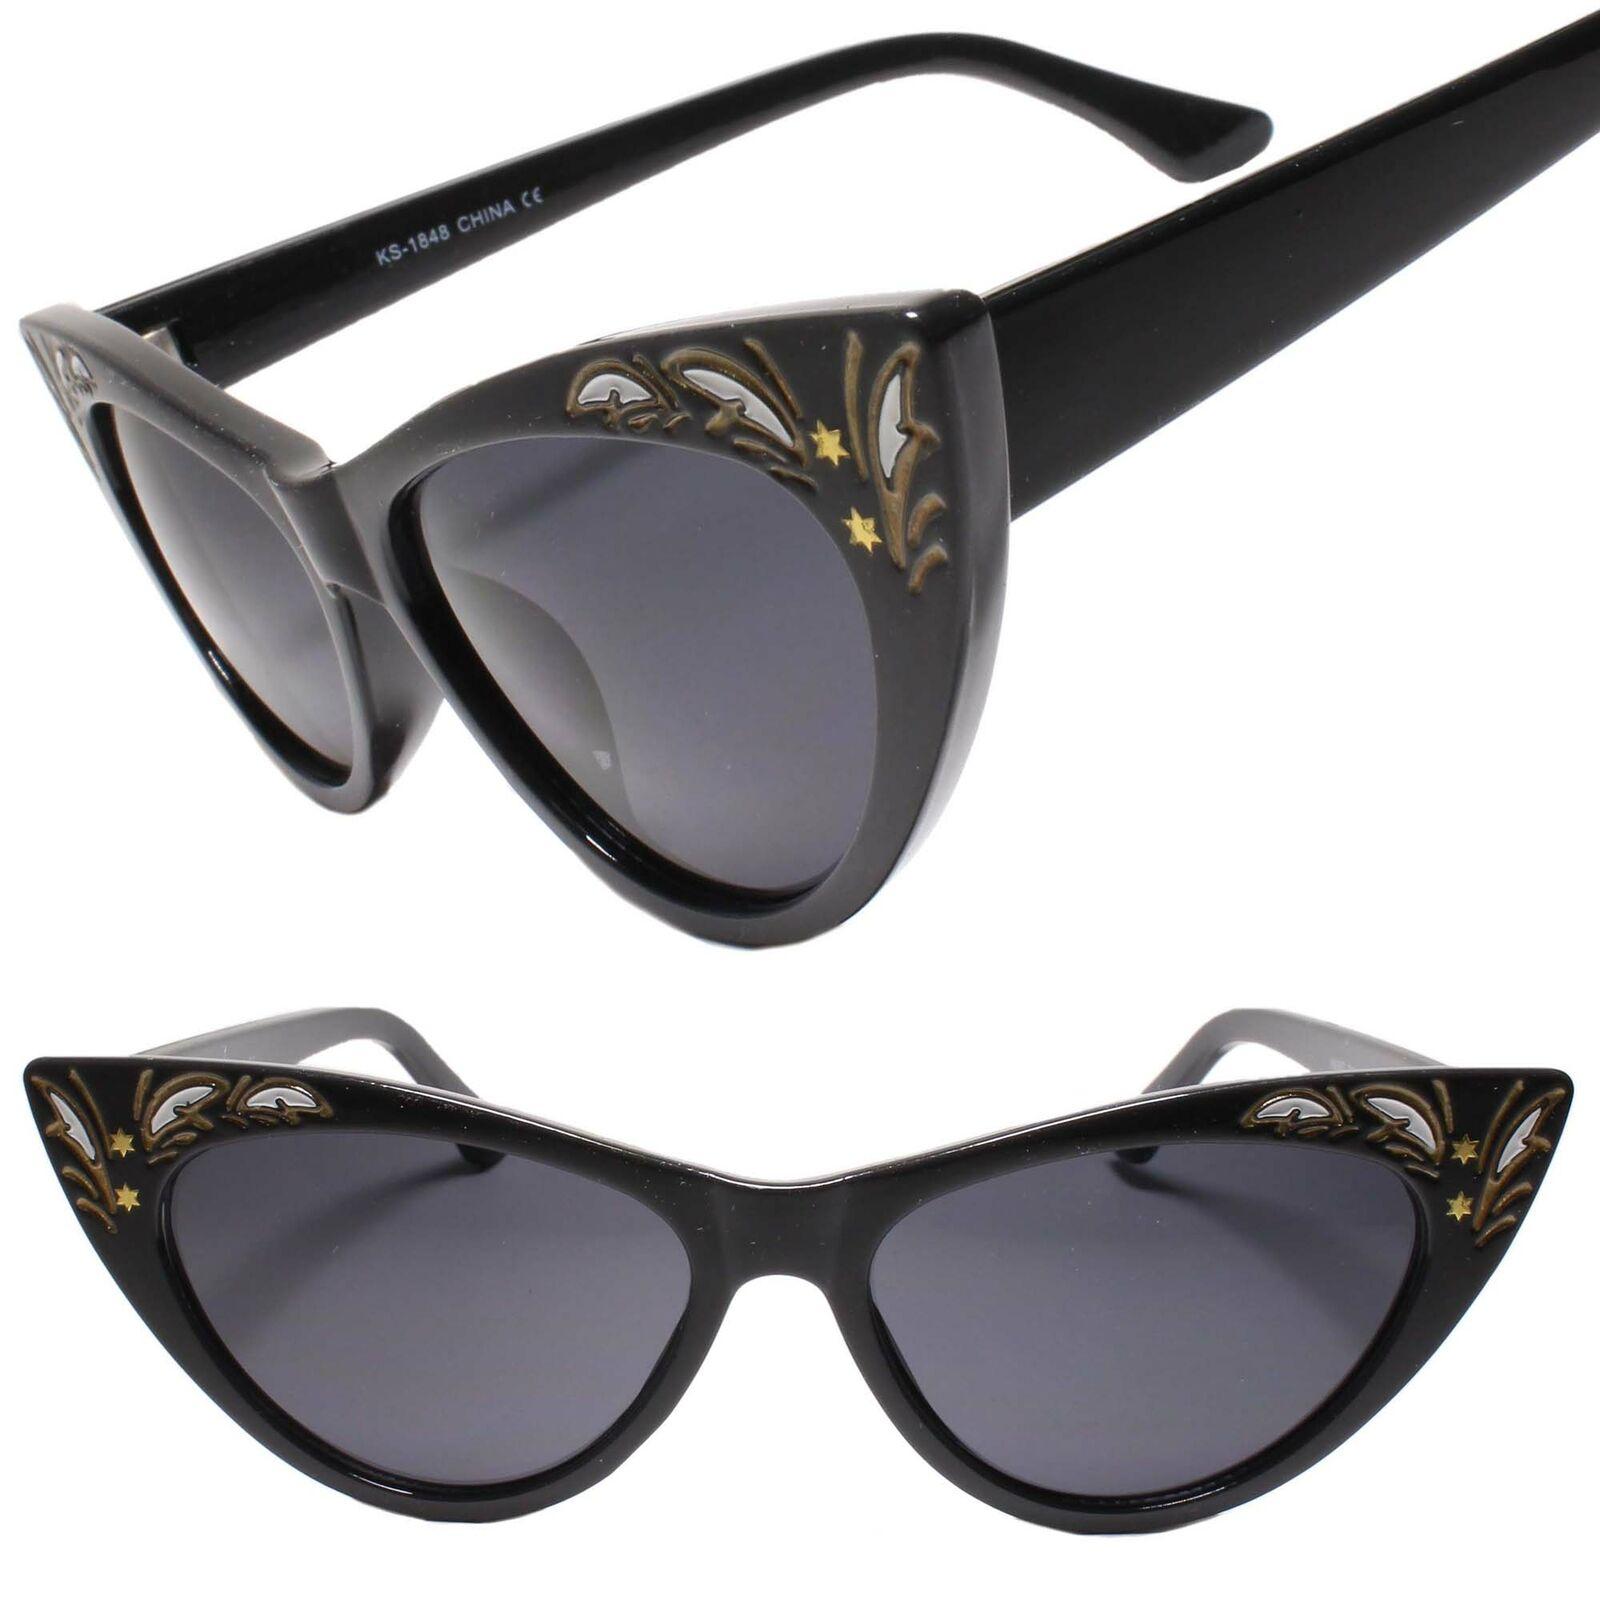 Classy Elegant Exotic Retro Fashion Cat Eye Chic Sunglasses Pointy Black Frame